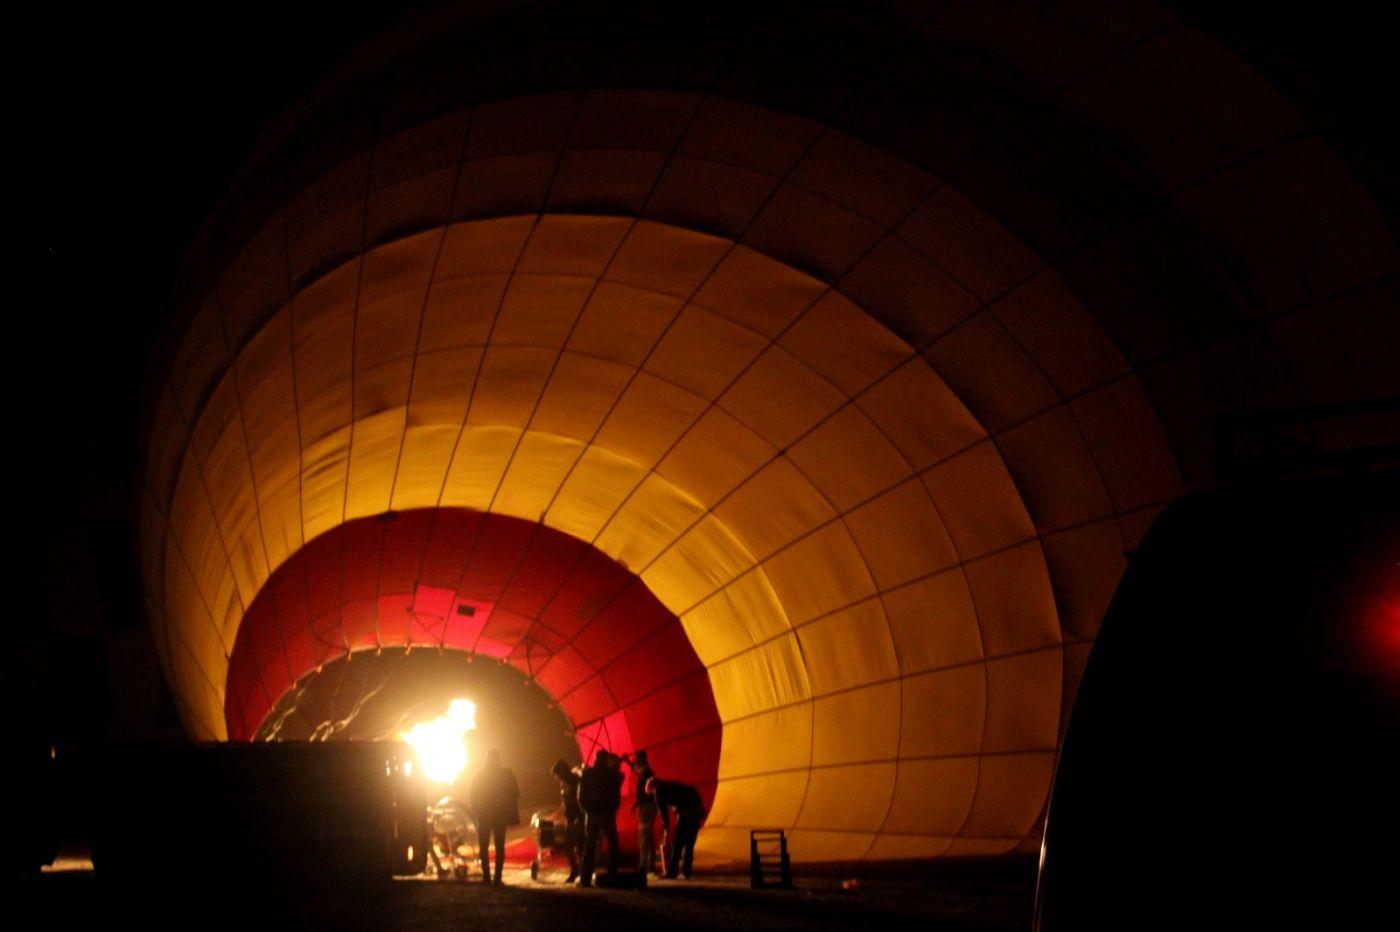 卢克索坐热气球观日出_图1-3